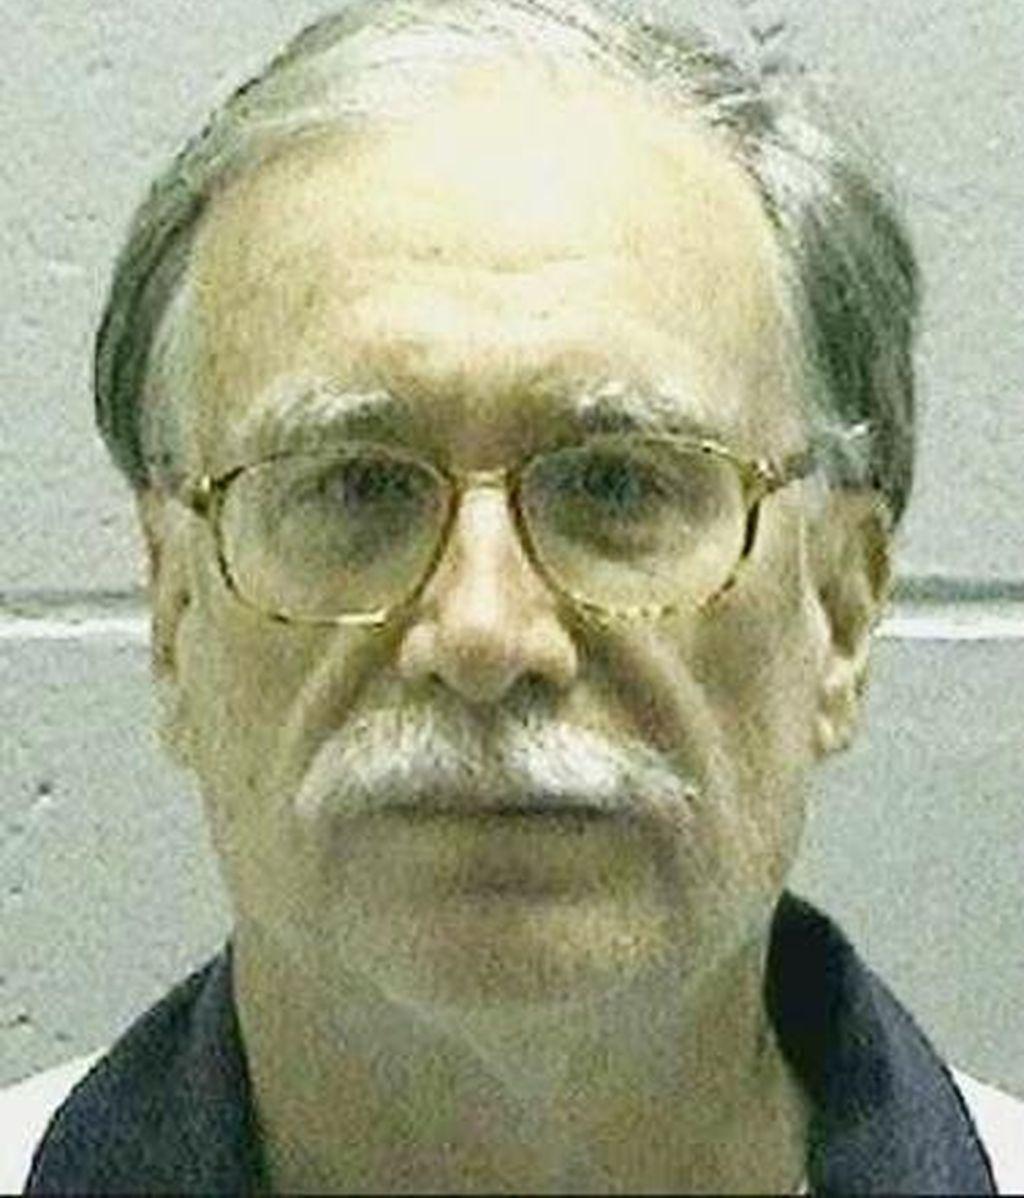 Gregory Paul Lawler, ejecutado en EEUU por el asesinato de un policía en 1997